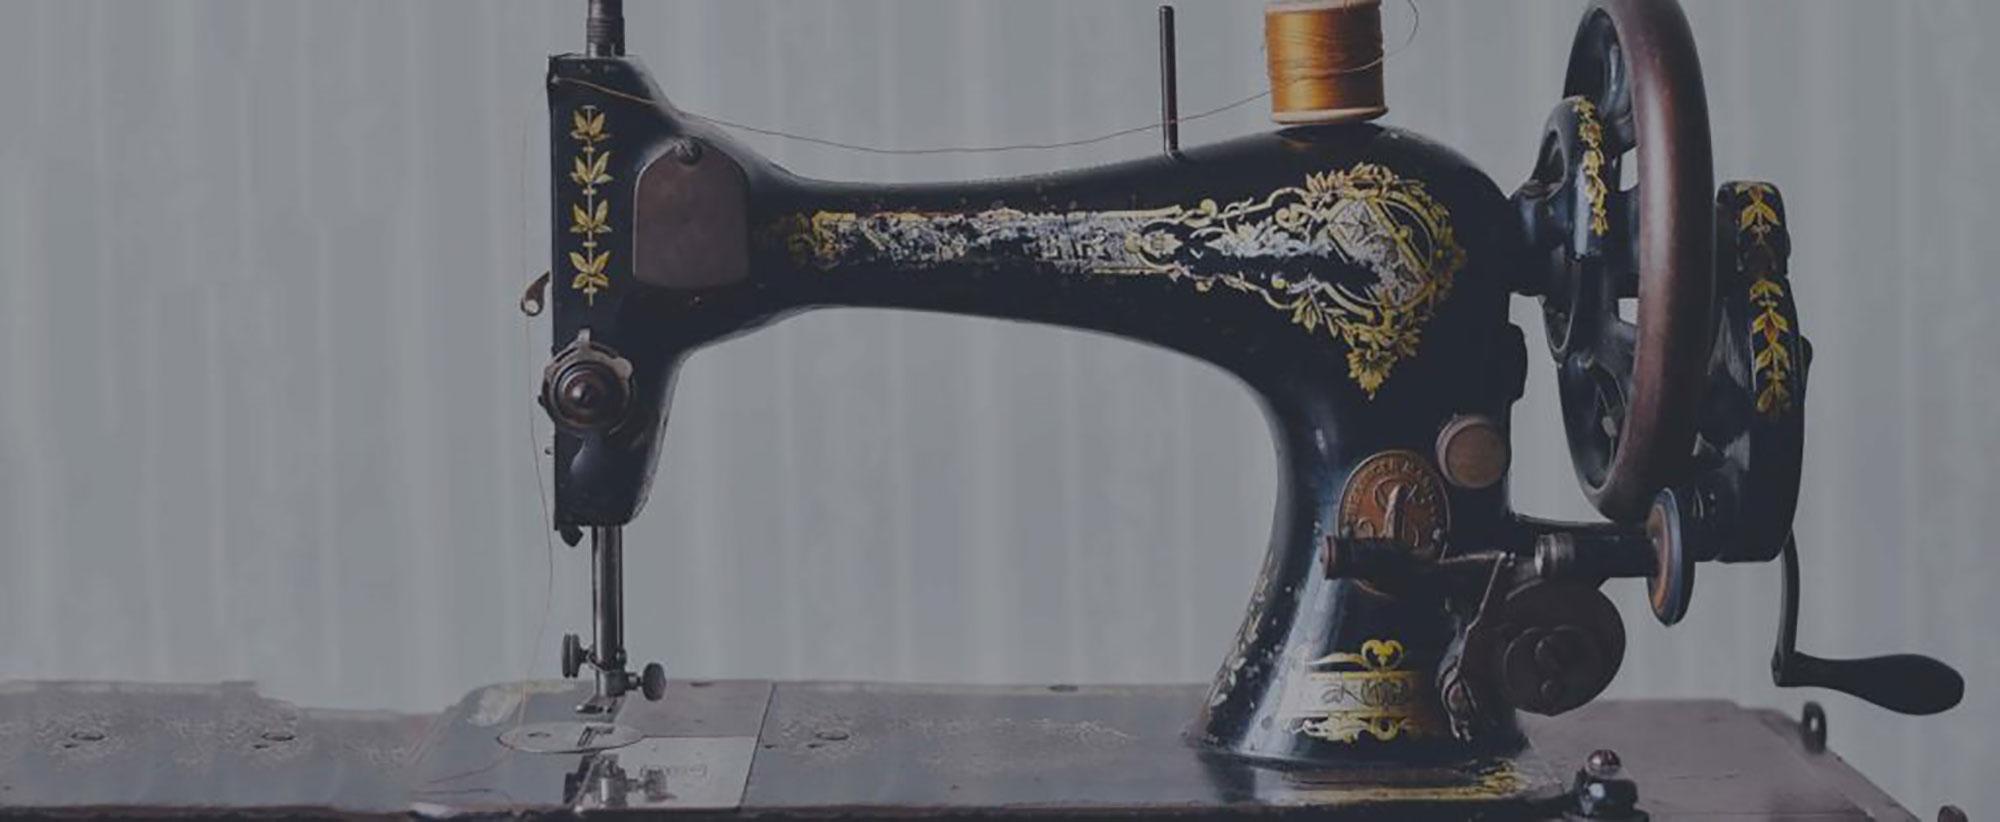 include-u sewing machine